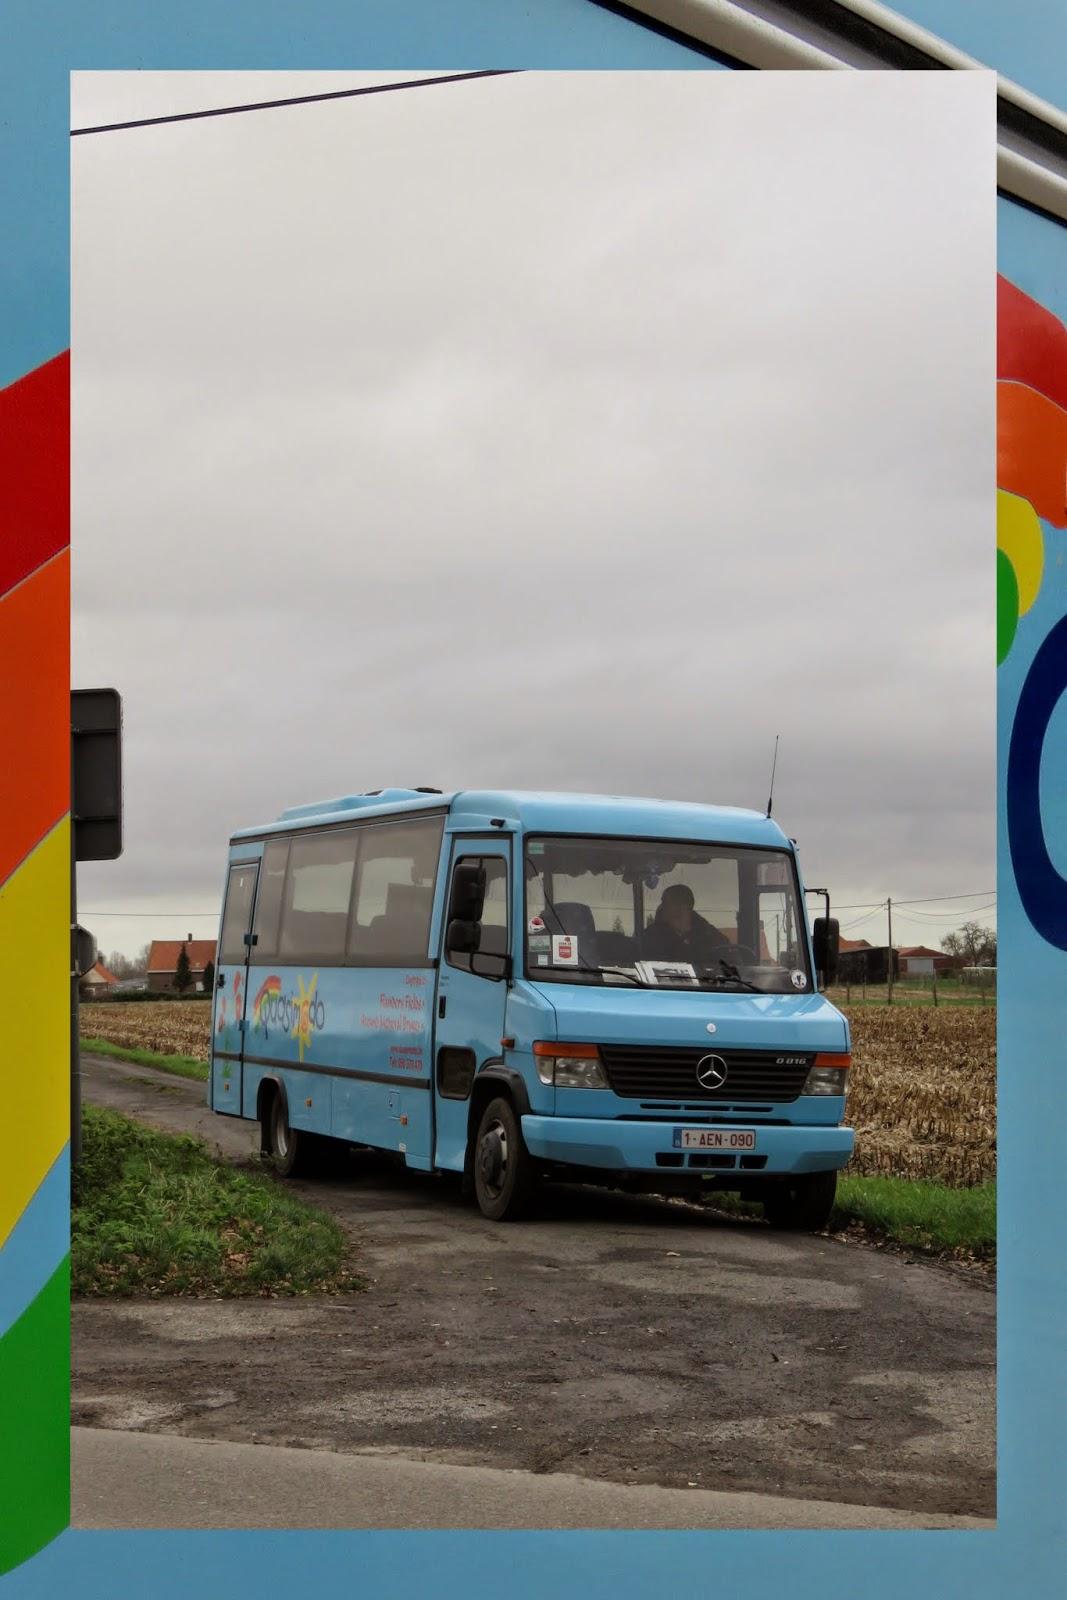 Quasimodo tour bus in Flanders